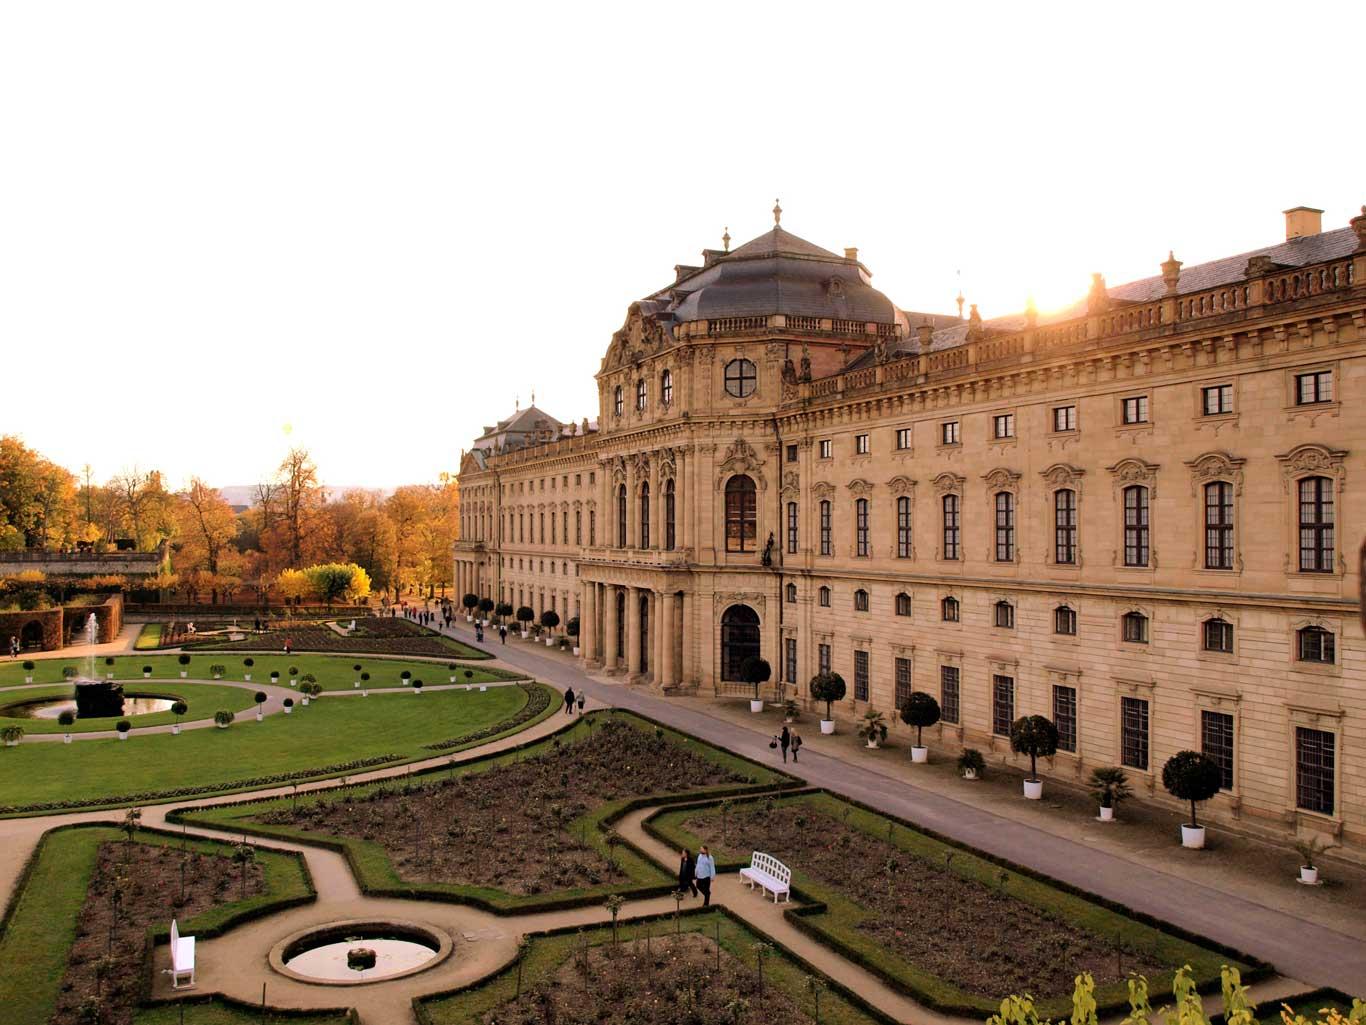 Court Garden  view of the Würzburger Residenz